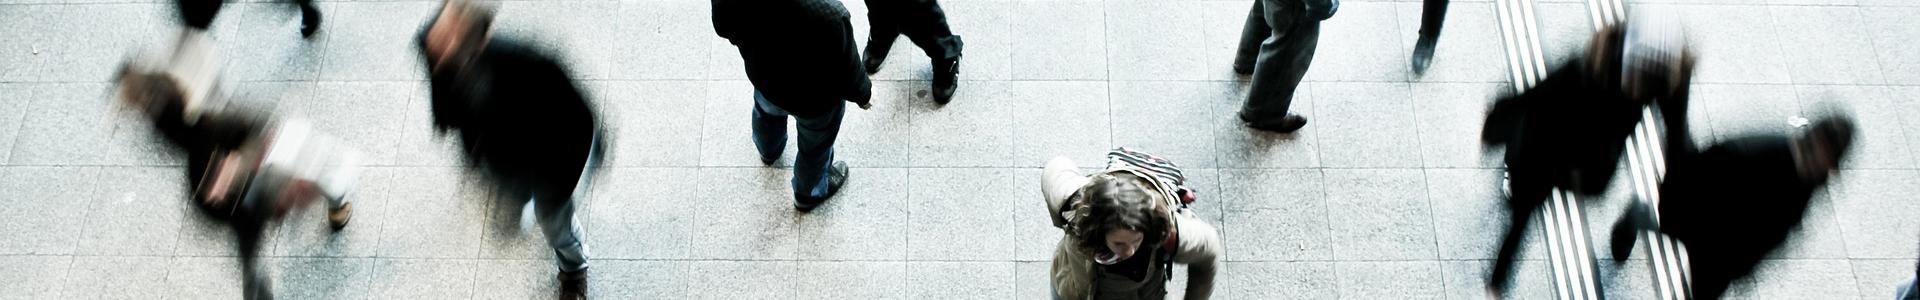 Ethic Ergonomie - Cabinet conseil en ergonomie à Annecy